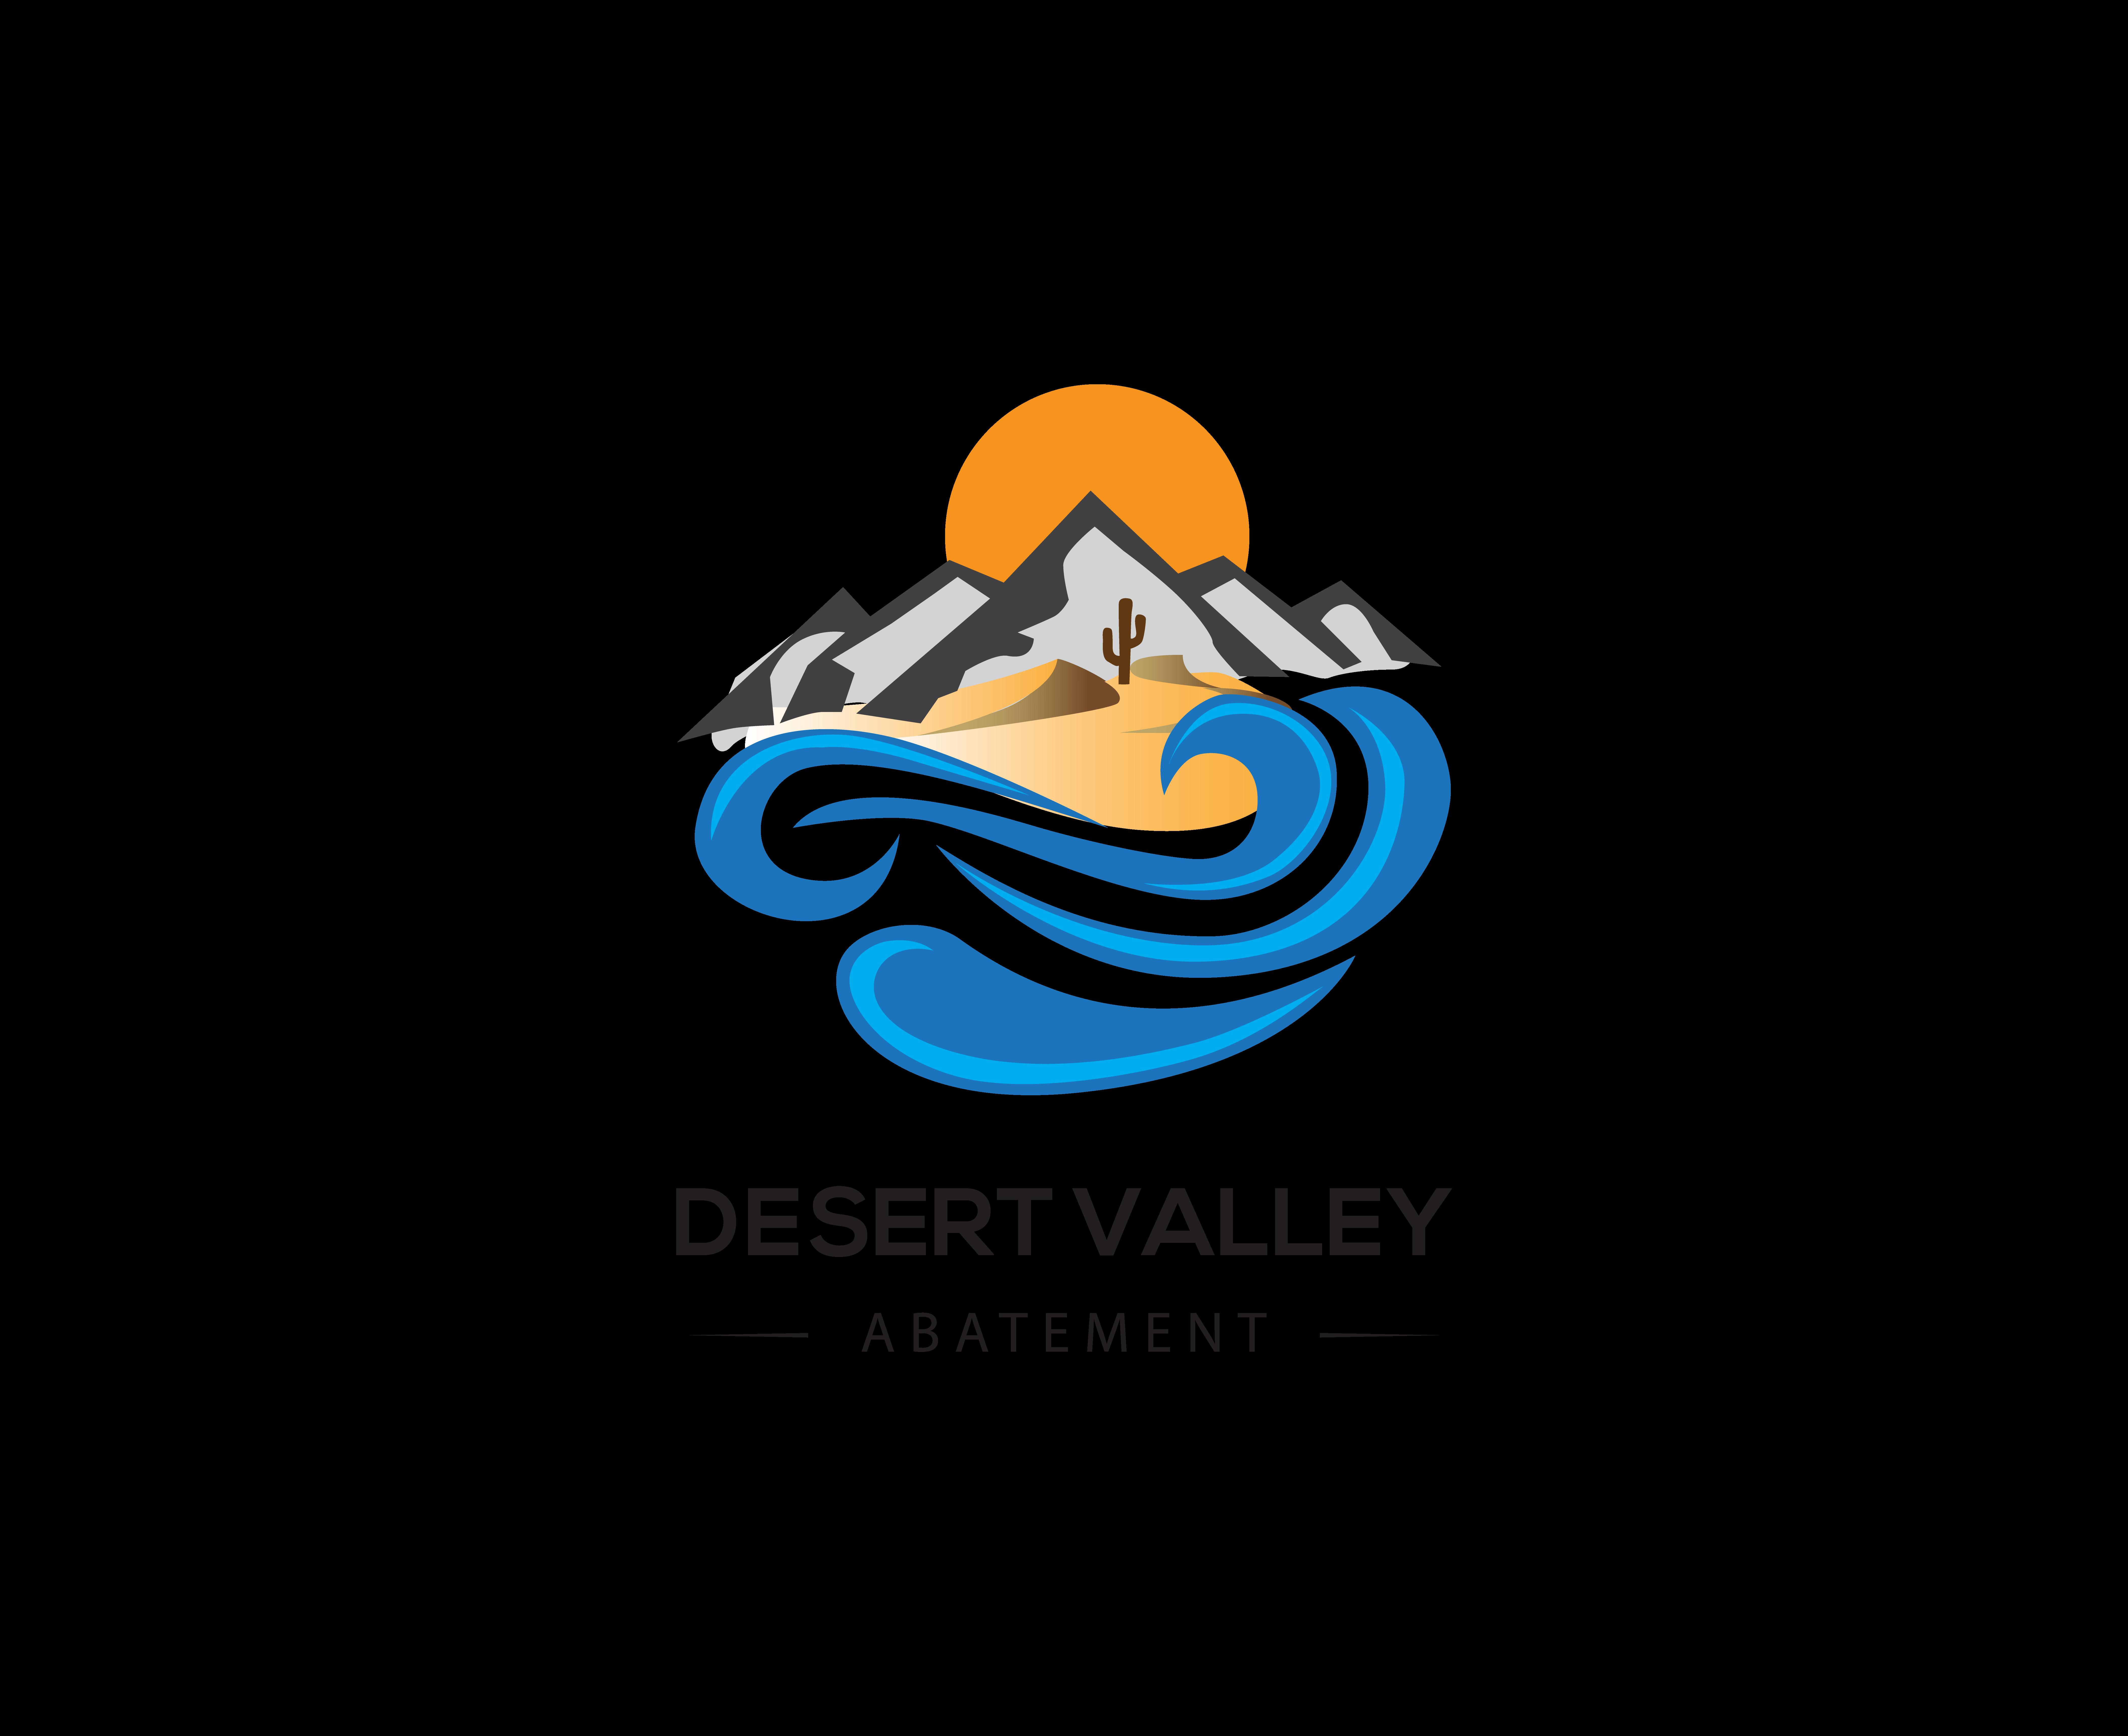 Desert Valley Abatement